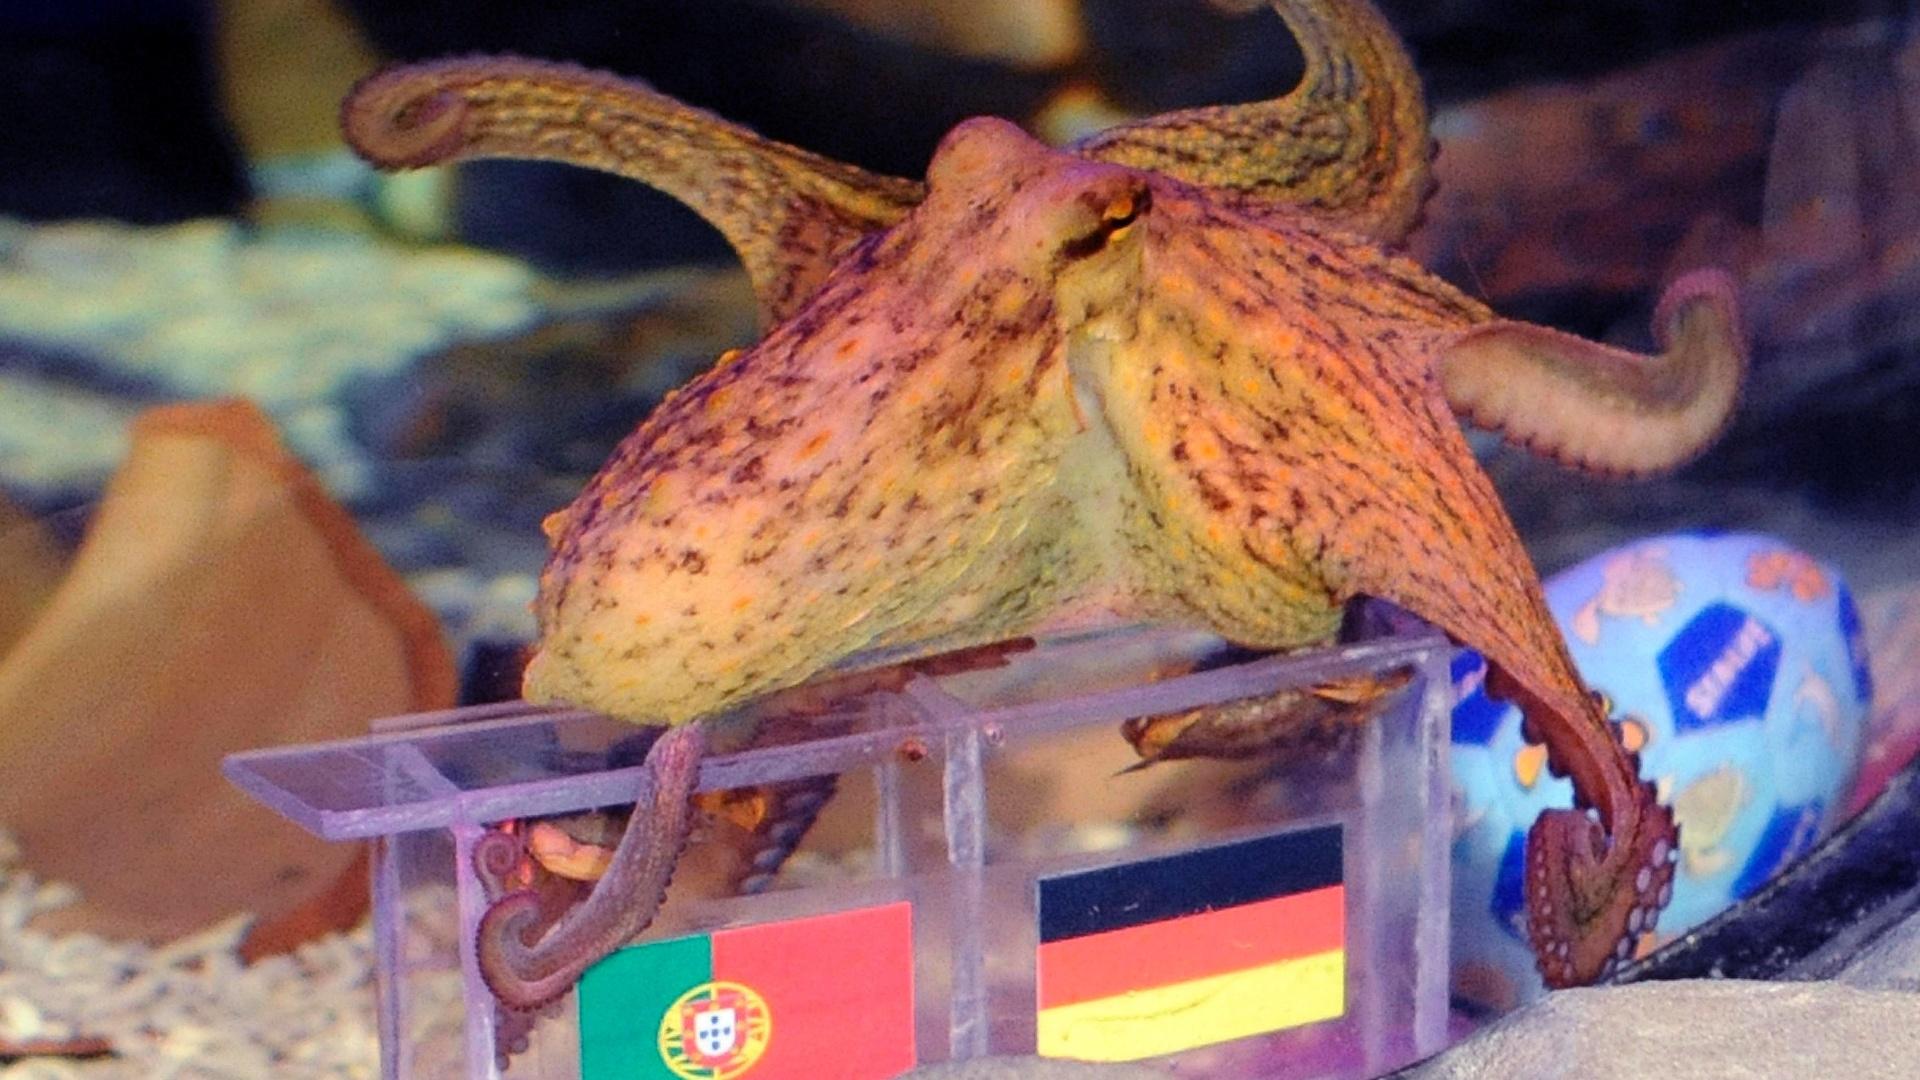 Assim como Paul, Paulus, que é alemão mas vive em Porto (POR), tem que escolher em seu aquário entre duas caixas de comida com as bandeiras dos países. Sua 'estreia', porém, não foi das melhores. Em sua primeira previsão, Paulus não deixou claro quem vencerá o duelo entre Alemanha e Portugal na primeira rodada.